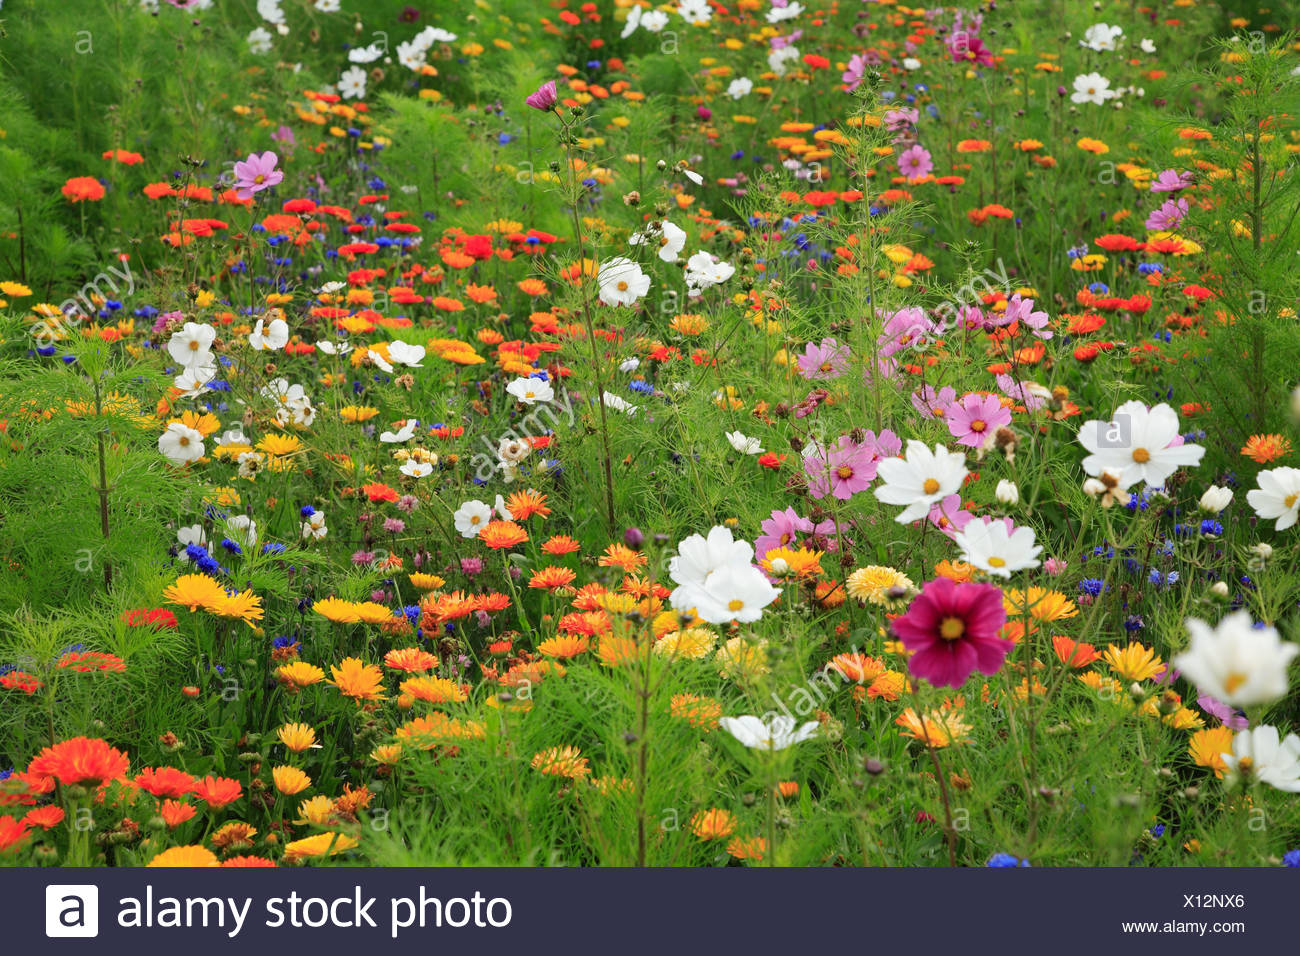 Piante Che Fioriscono Tutta Estate prati fioriti di fiori di prato prato estate-prato fiori